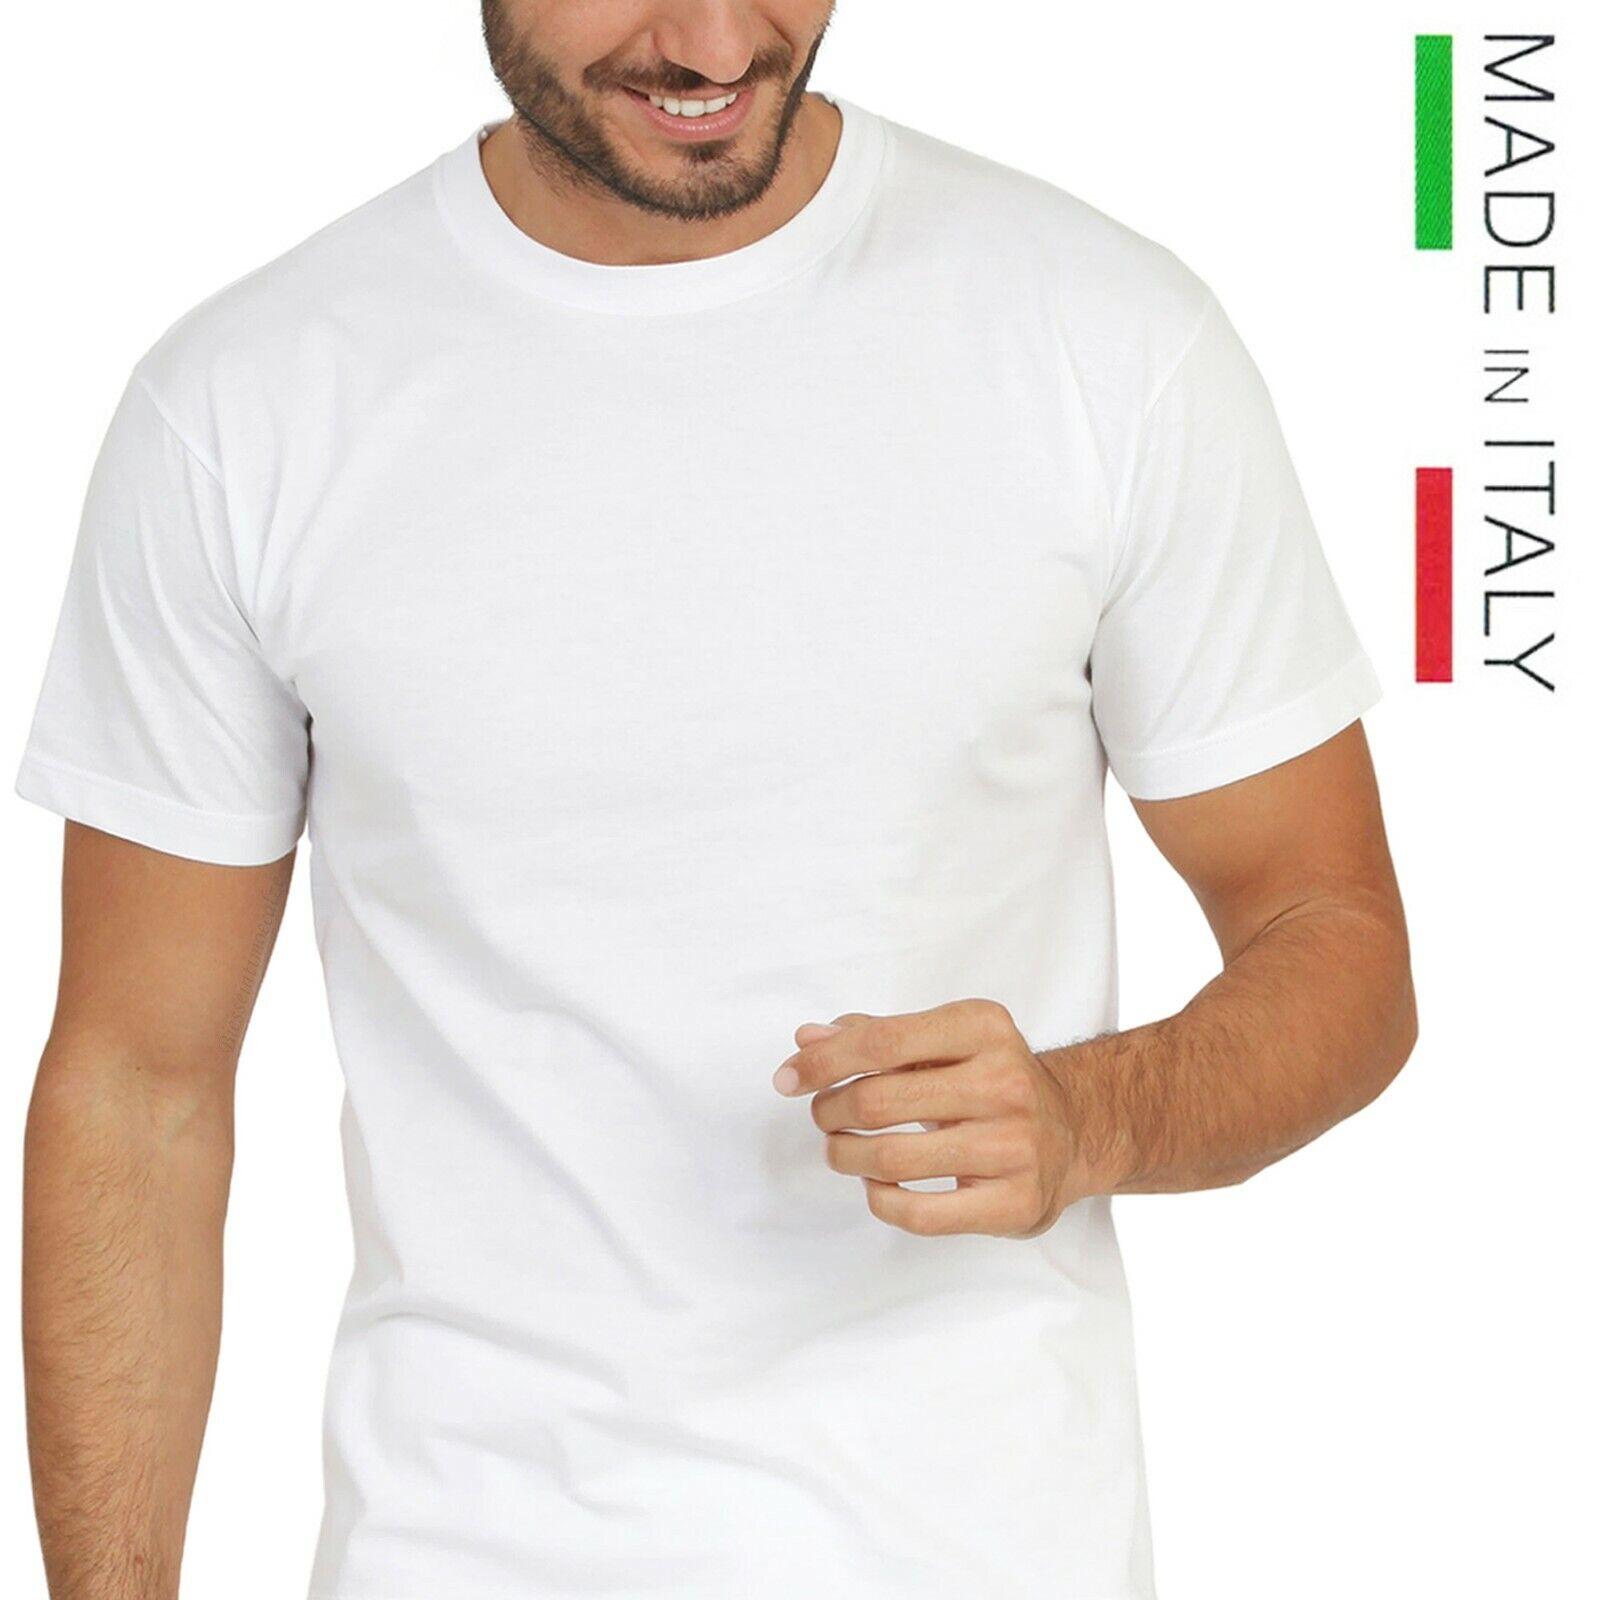 Maglia intima da uomo 100% puro cotone maglietta mezza manica corta girocollo